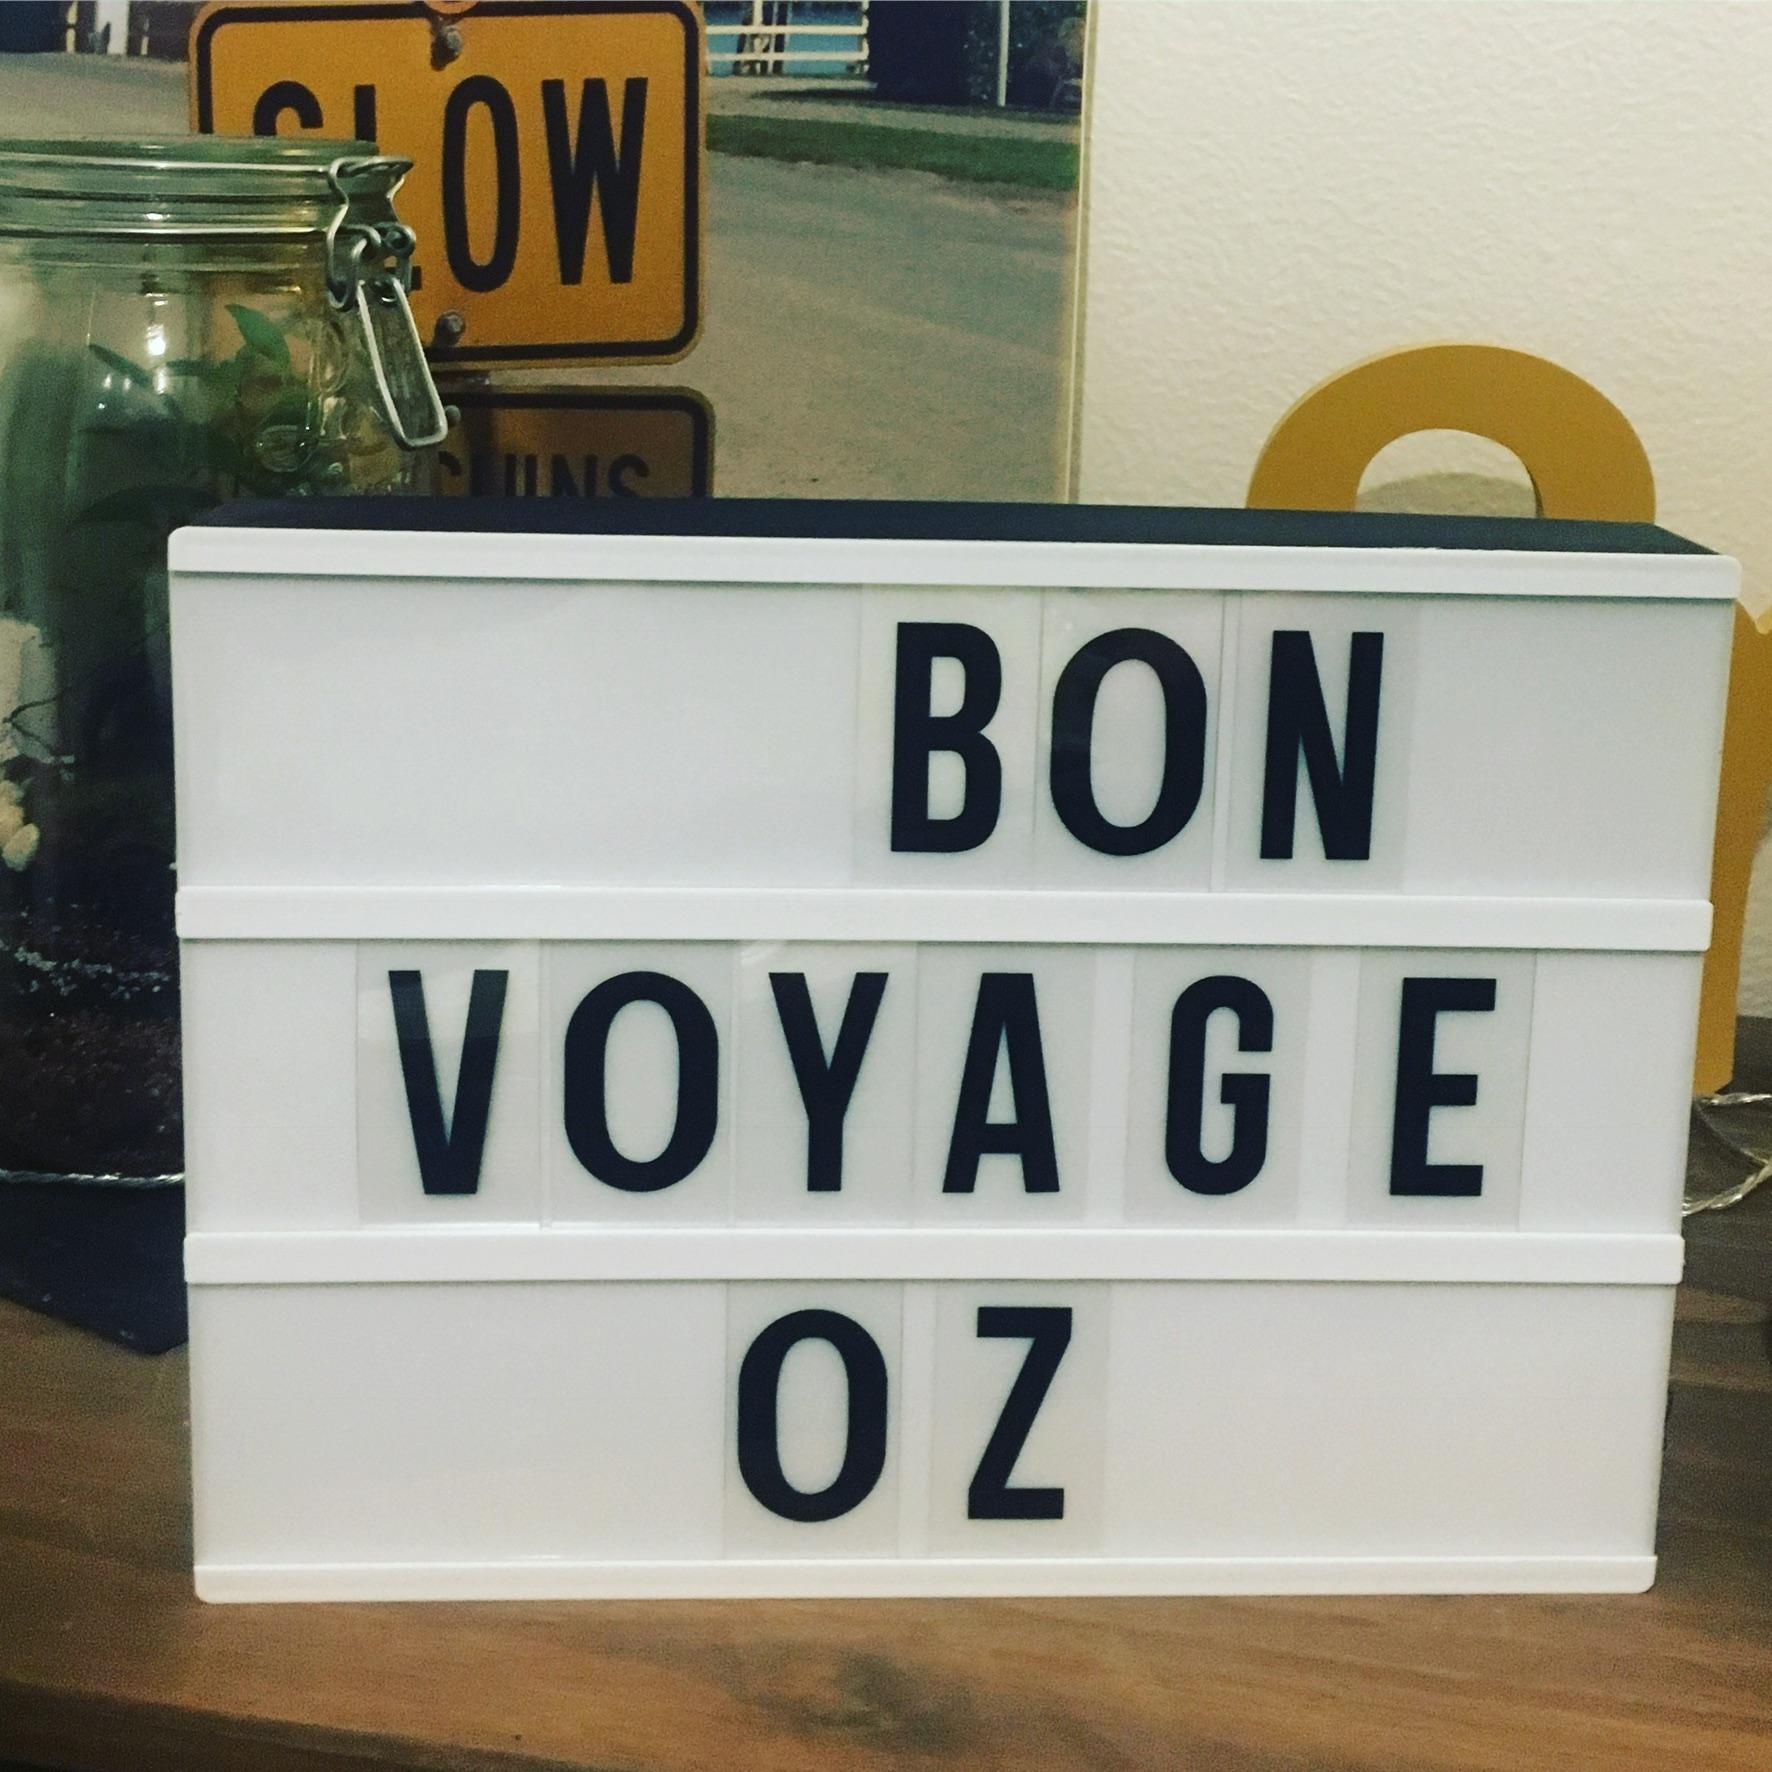 Bon voyage OZ